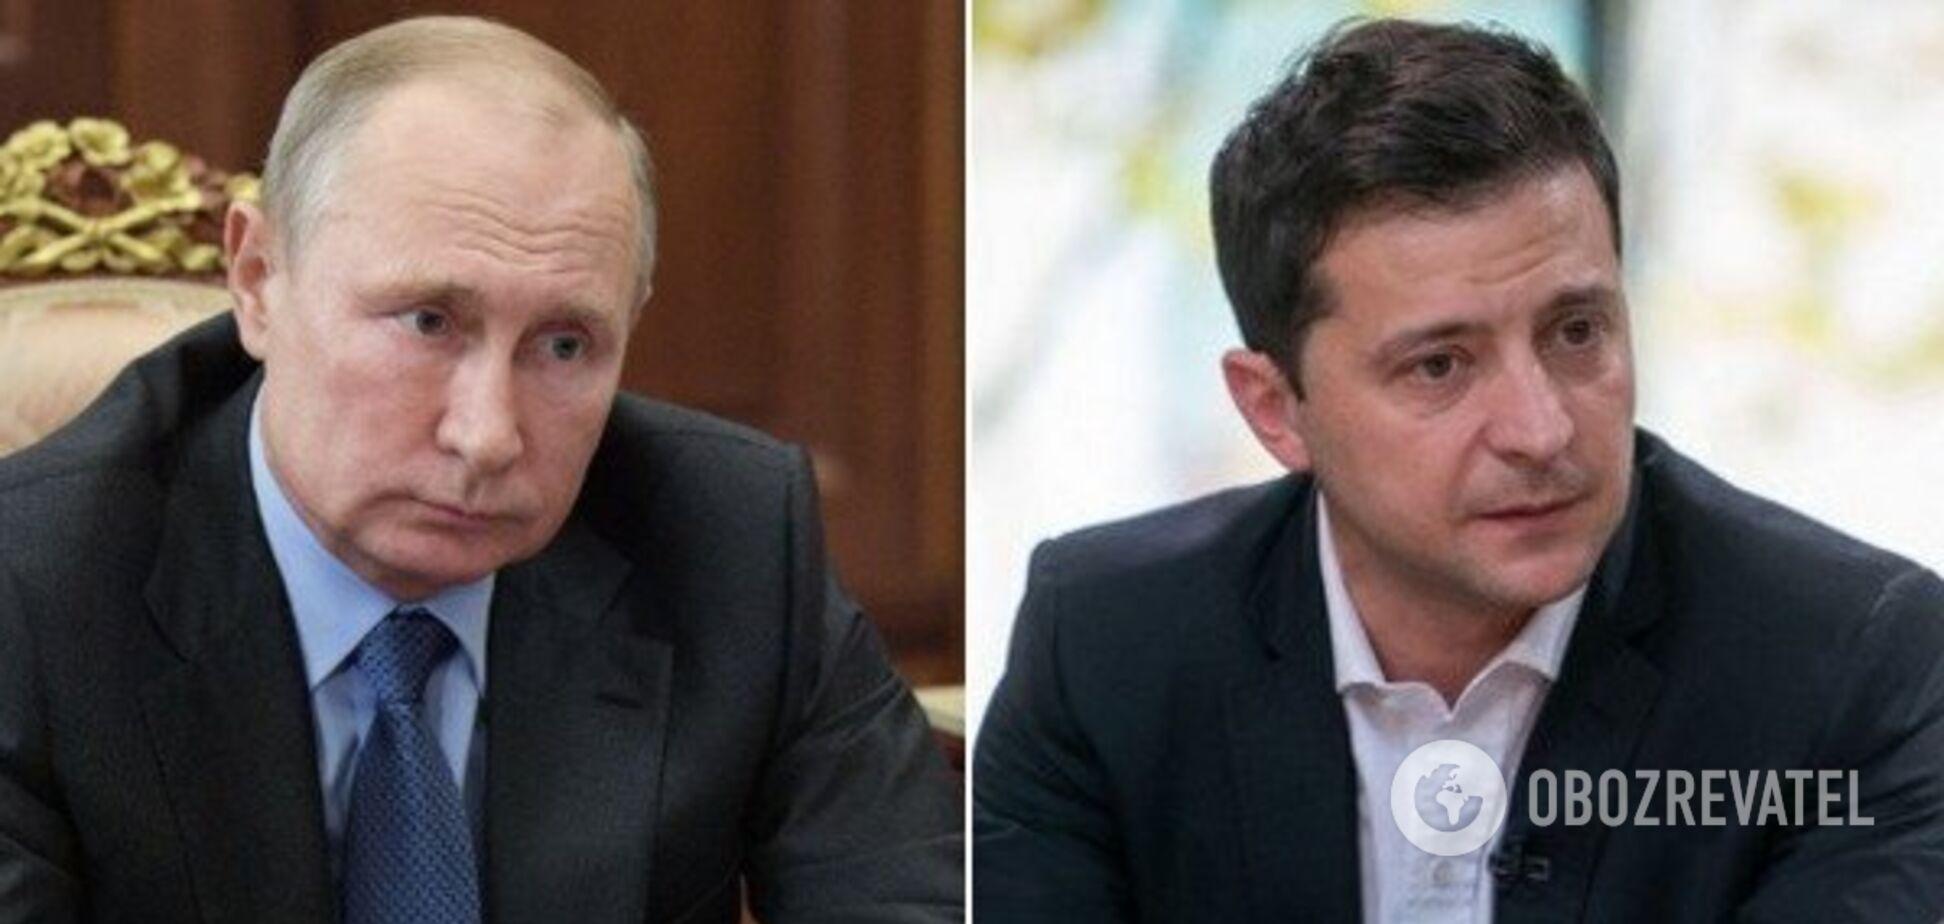 Зеленський зустрінеться з Путіним у Парижі